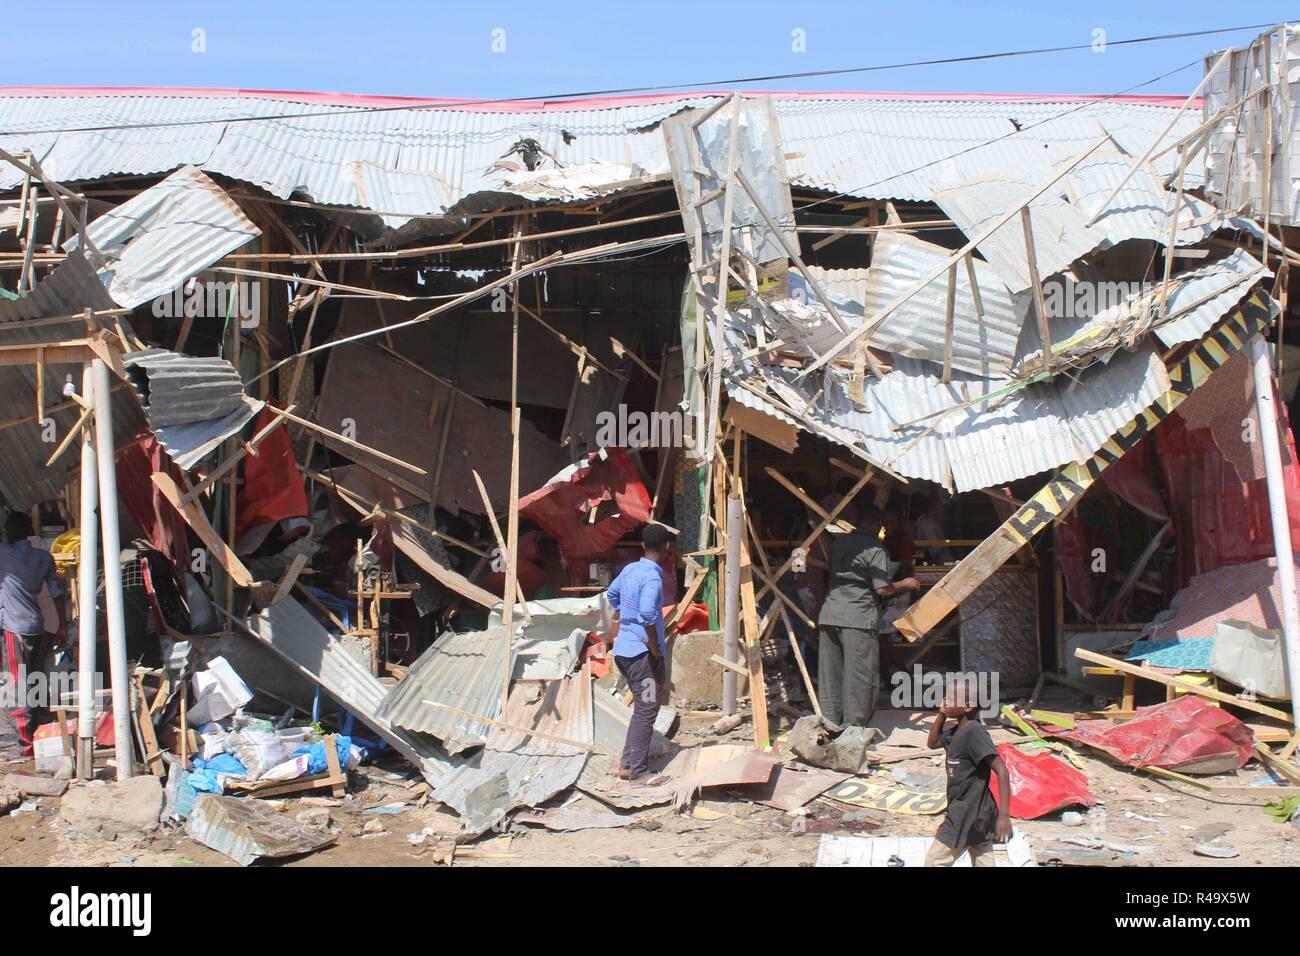 Nairobi. 26 Nov, 2018. Foto tomada el 26 de noviembre de 2018, muestra el sitio de la explosión de un coche bomba en Mogadiscio, capital de Somalia. Al menos 10 personas murieron y otros seis resultaron heridos en la explosión de un coche bomba en un concurrido mercado en el distrito de Wadajir de Mogadishu, la policía y los testigos dijeron el lunes. Crédito: Faisal Isse/Xinhua/Alamy Live News Imagen De Stock